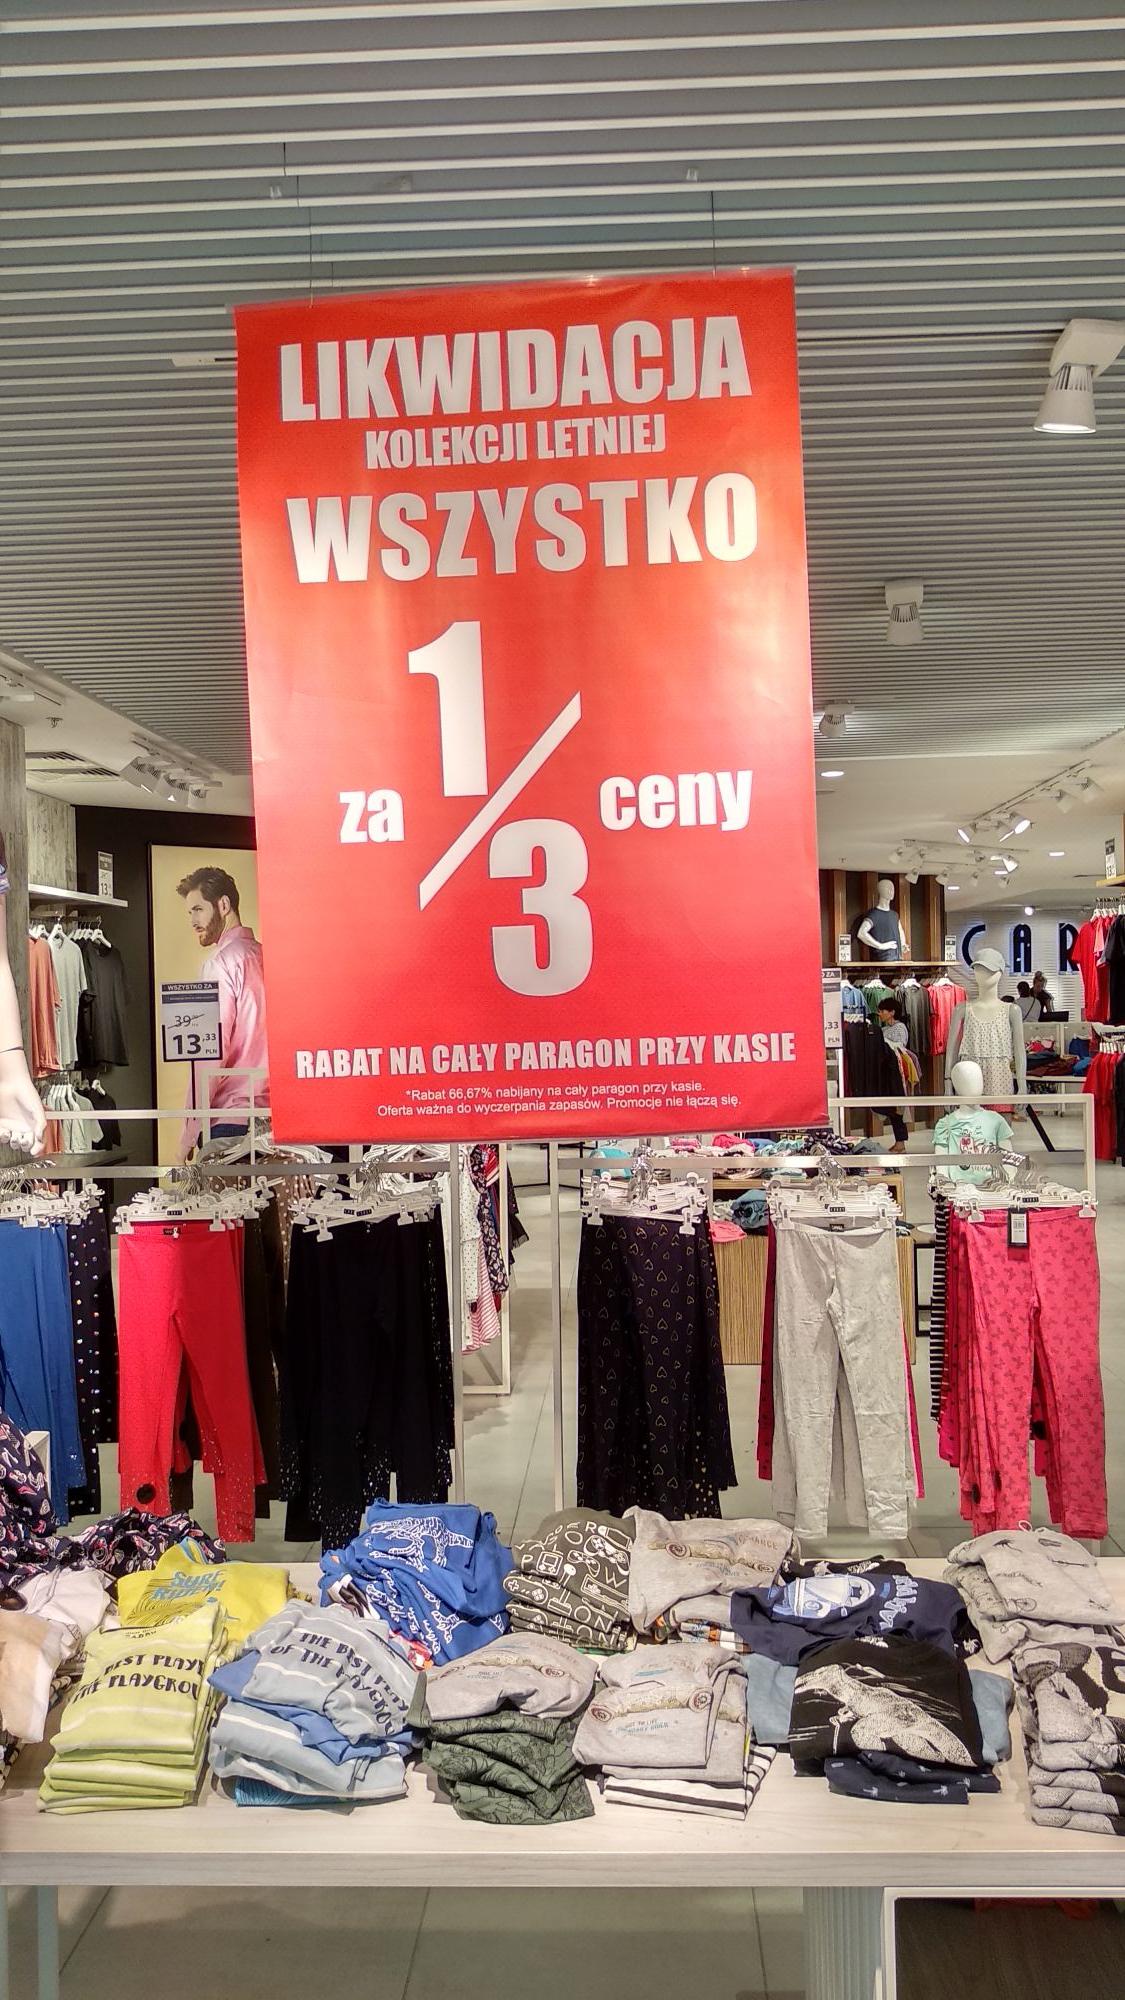 Carry - likwidacja kolekcji letniej -70%